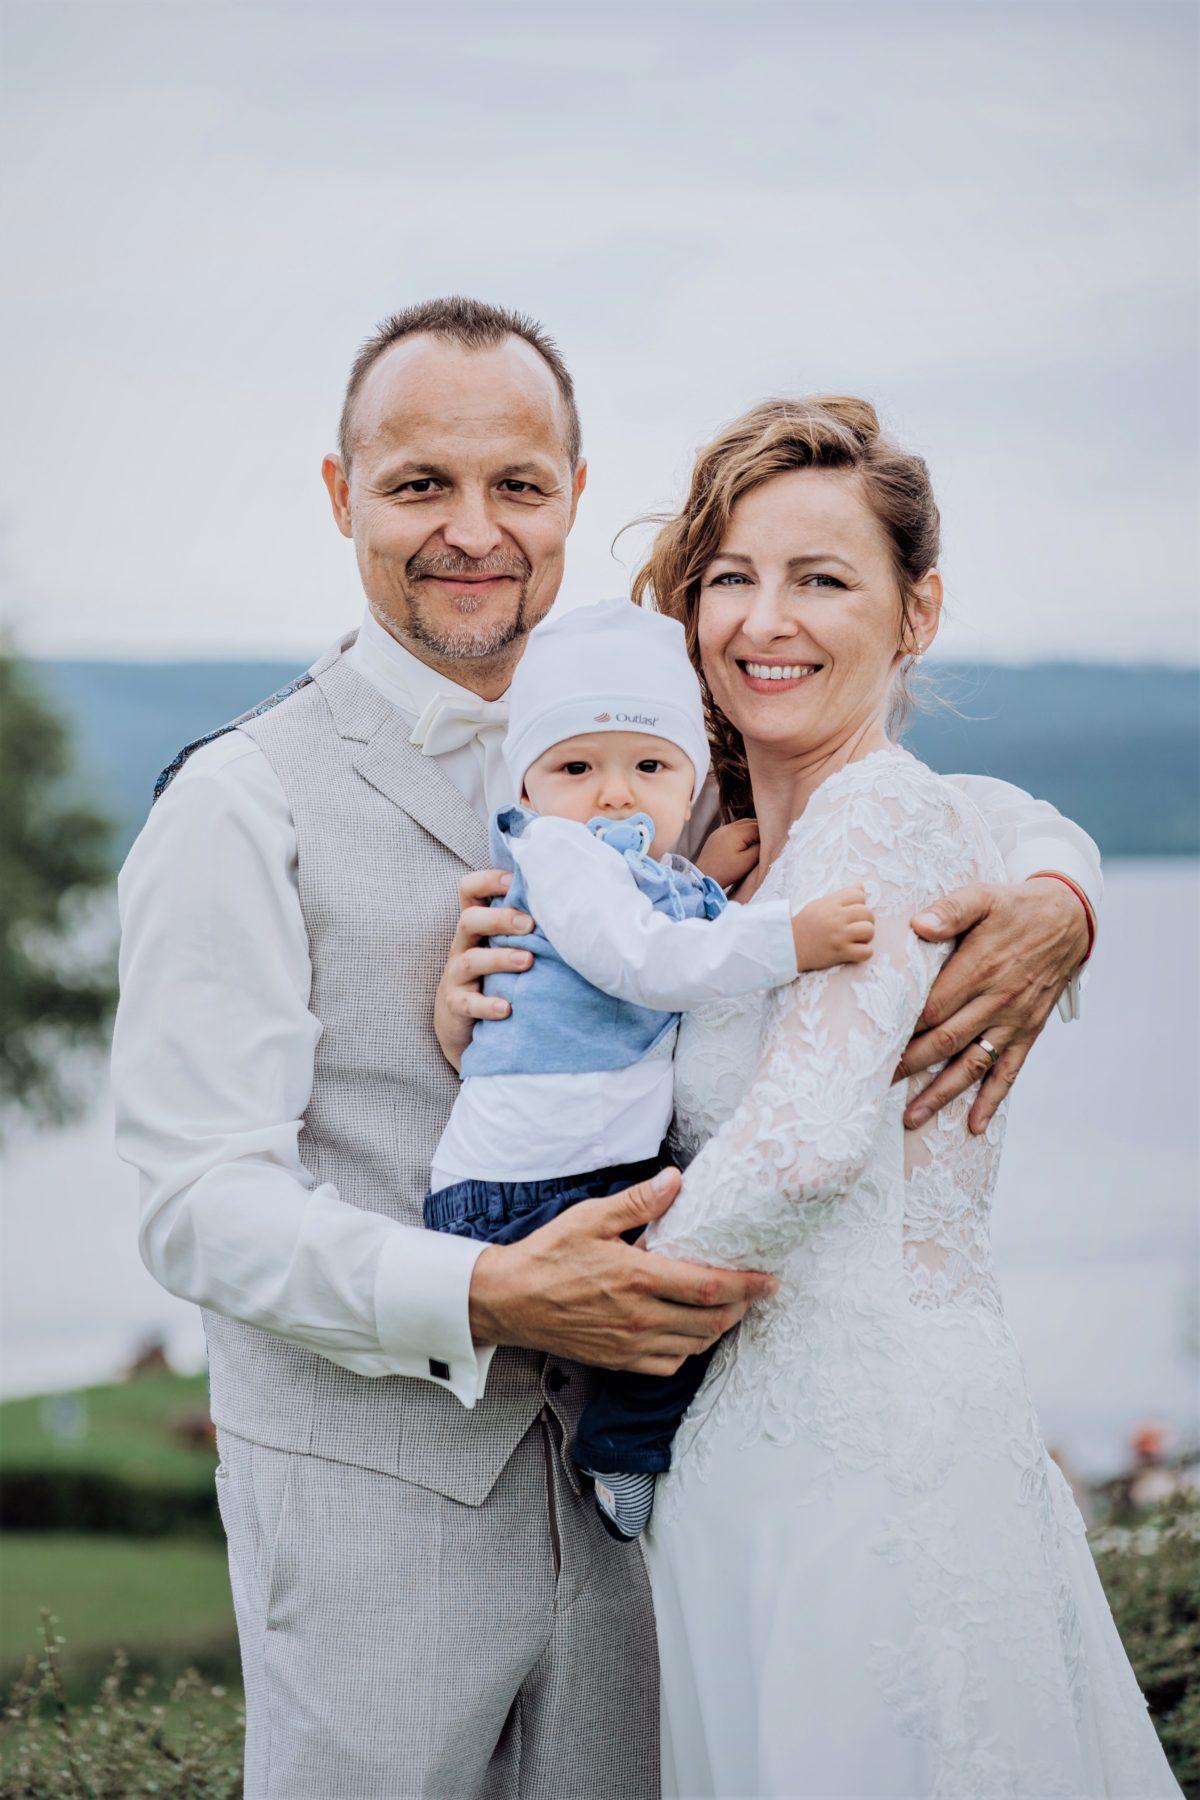 Moderátor a herec Petr Rajchert – dnes Hradil, se oženil a má v rodných jižních Čechách velké plány!